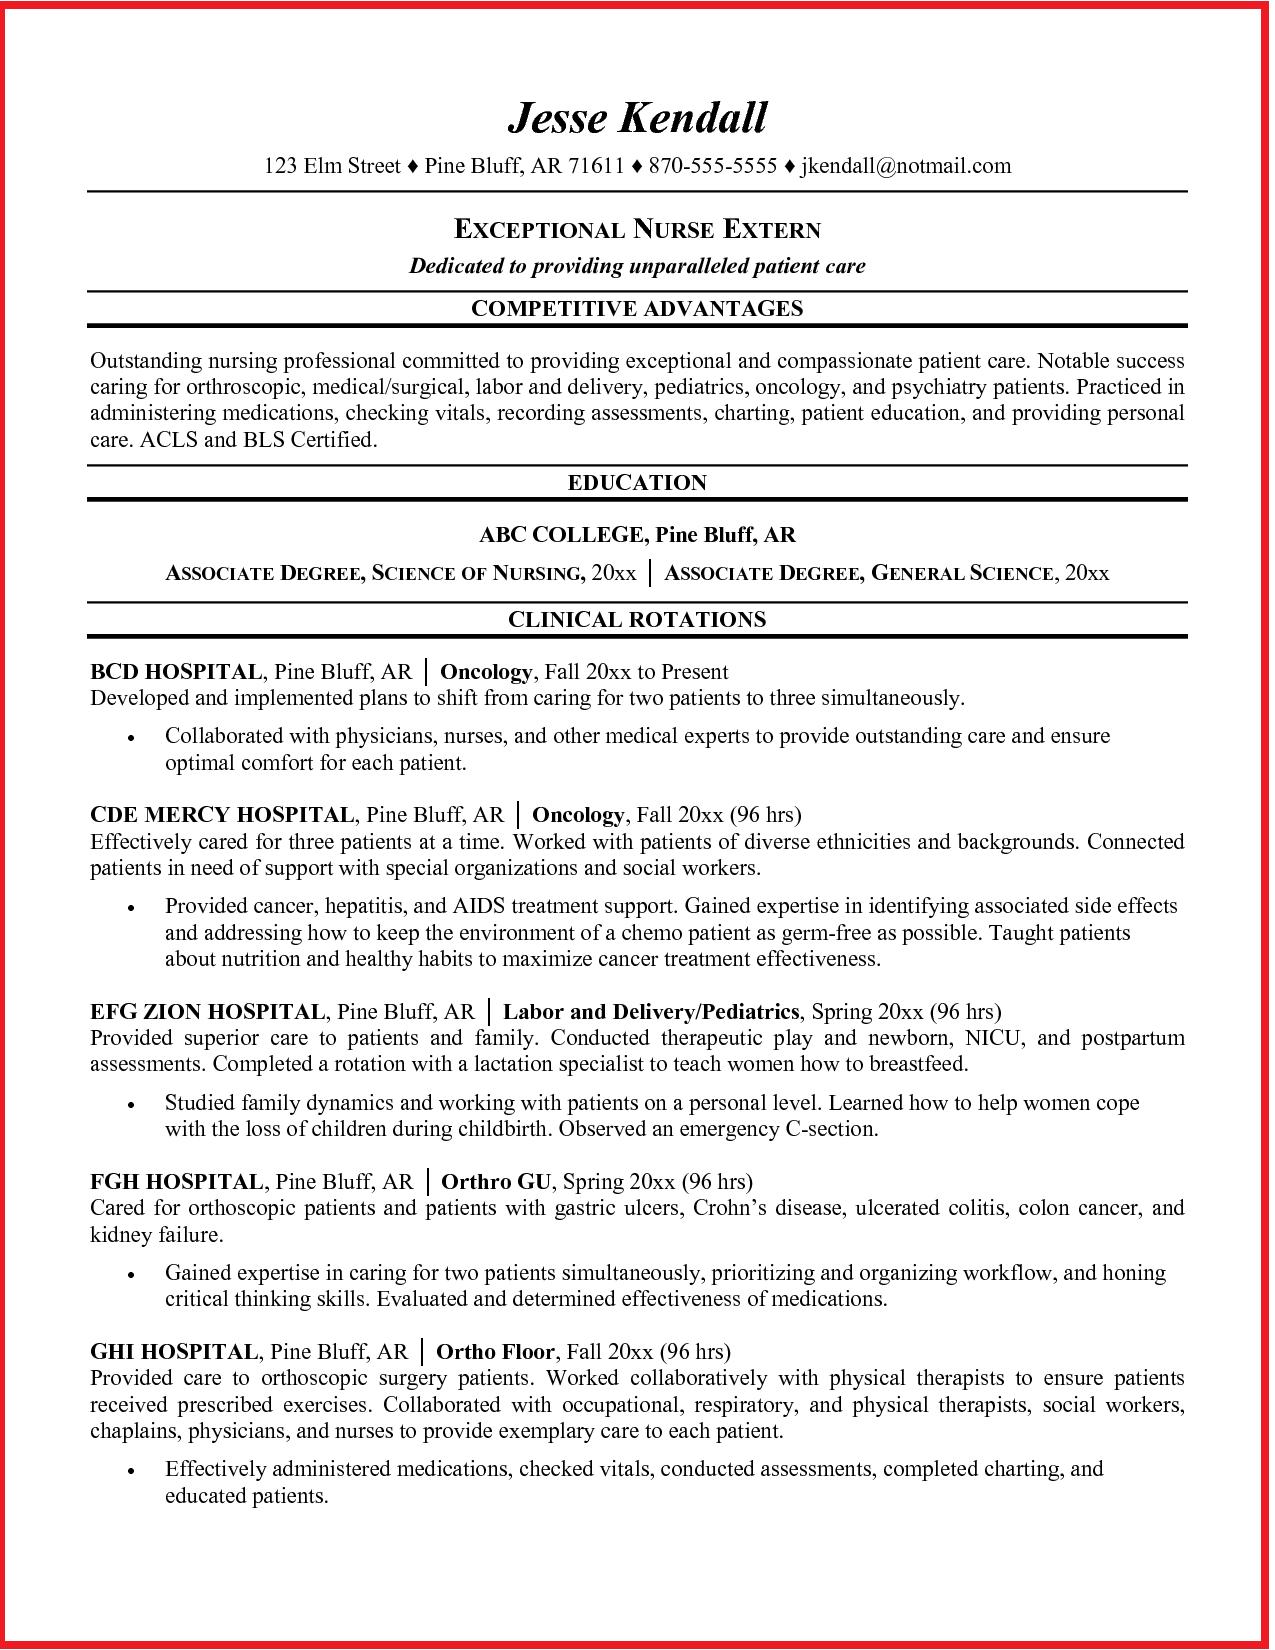 Oncology Nurse Resume Sample Student Nurse Resume Student Resume Template Student Resume